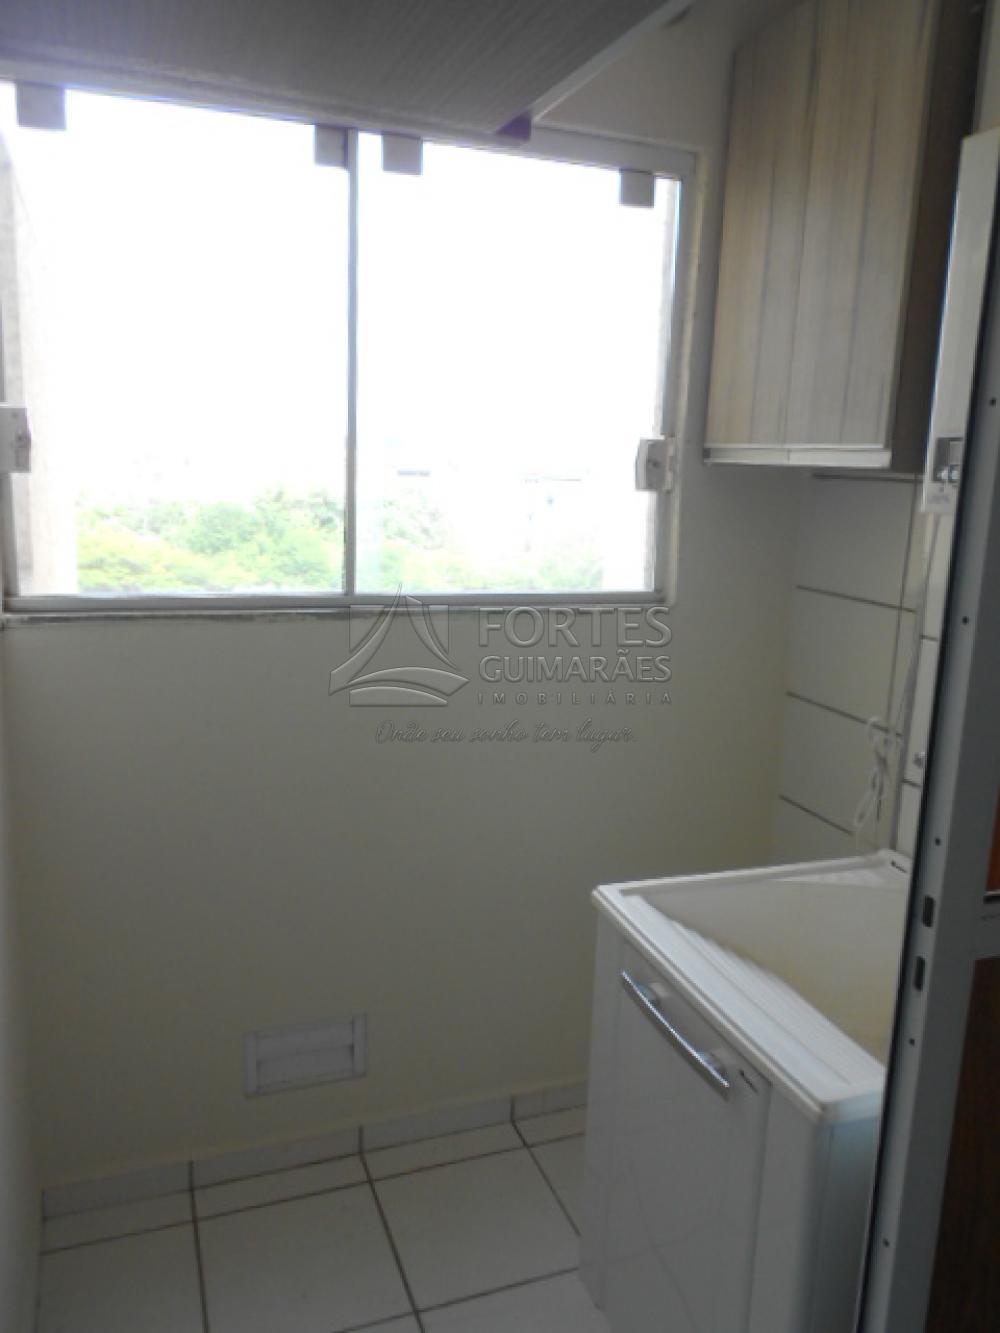 Alugar Apartamentos / Padrão em Ribeirão Preto apenas R$ 1.200,00 - Foto 33